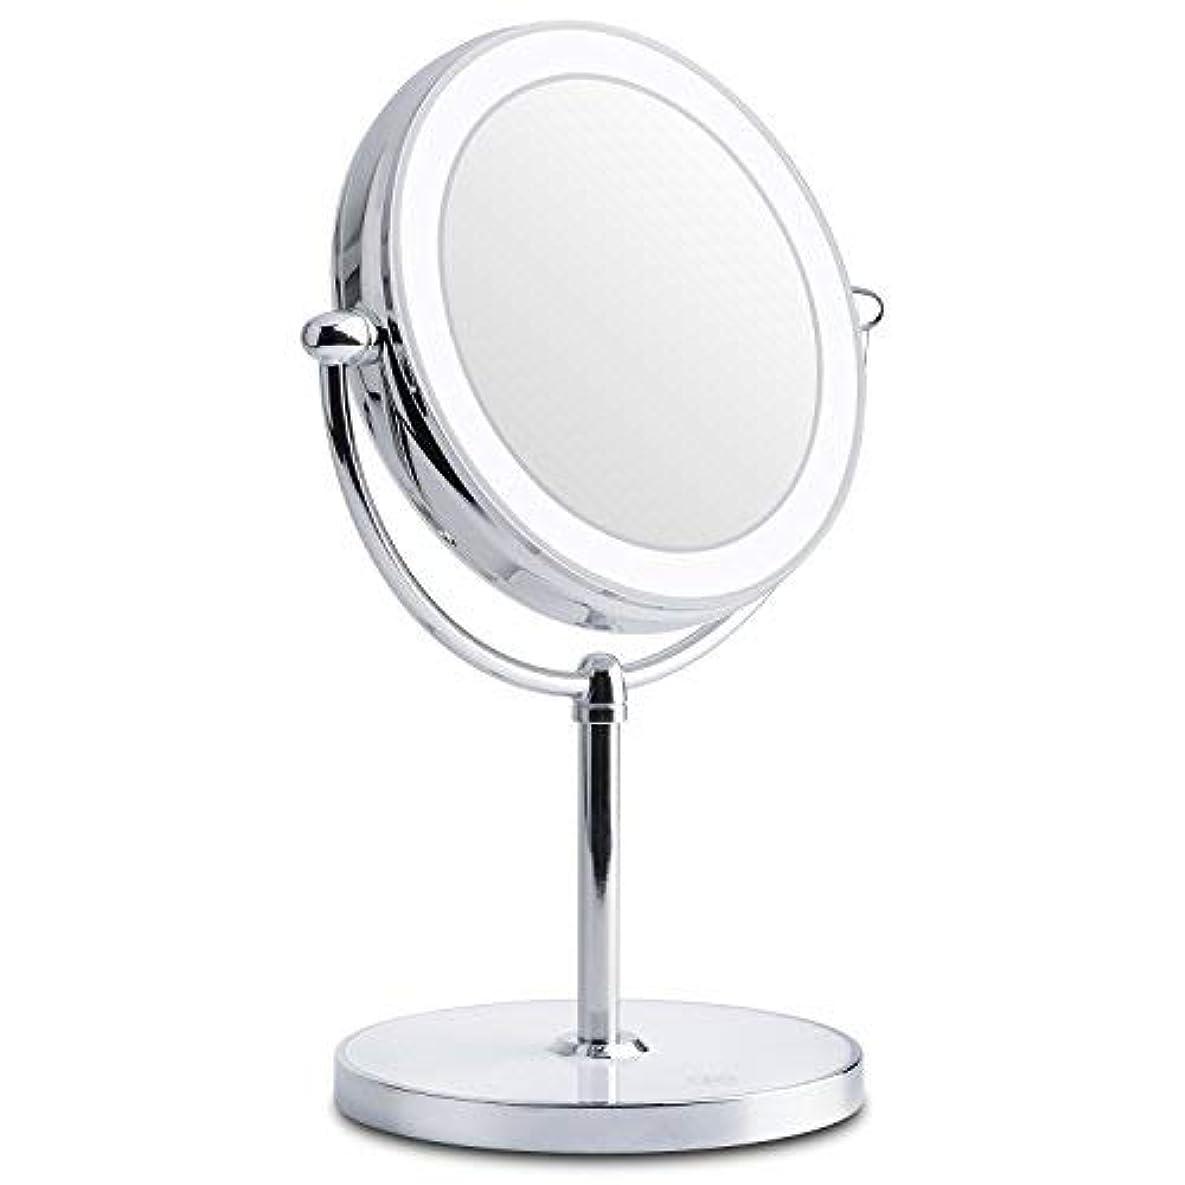 ペチュランス故意のわがままWorld Backyard 内蔵 充電式電池とライトで丸い形状 コードレスミラーを適用する美容化粧品 用 化粧鏡両面1X倍率を点灯。 7X